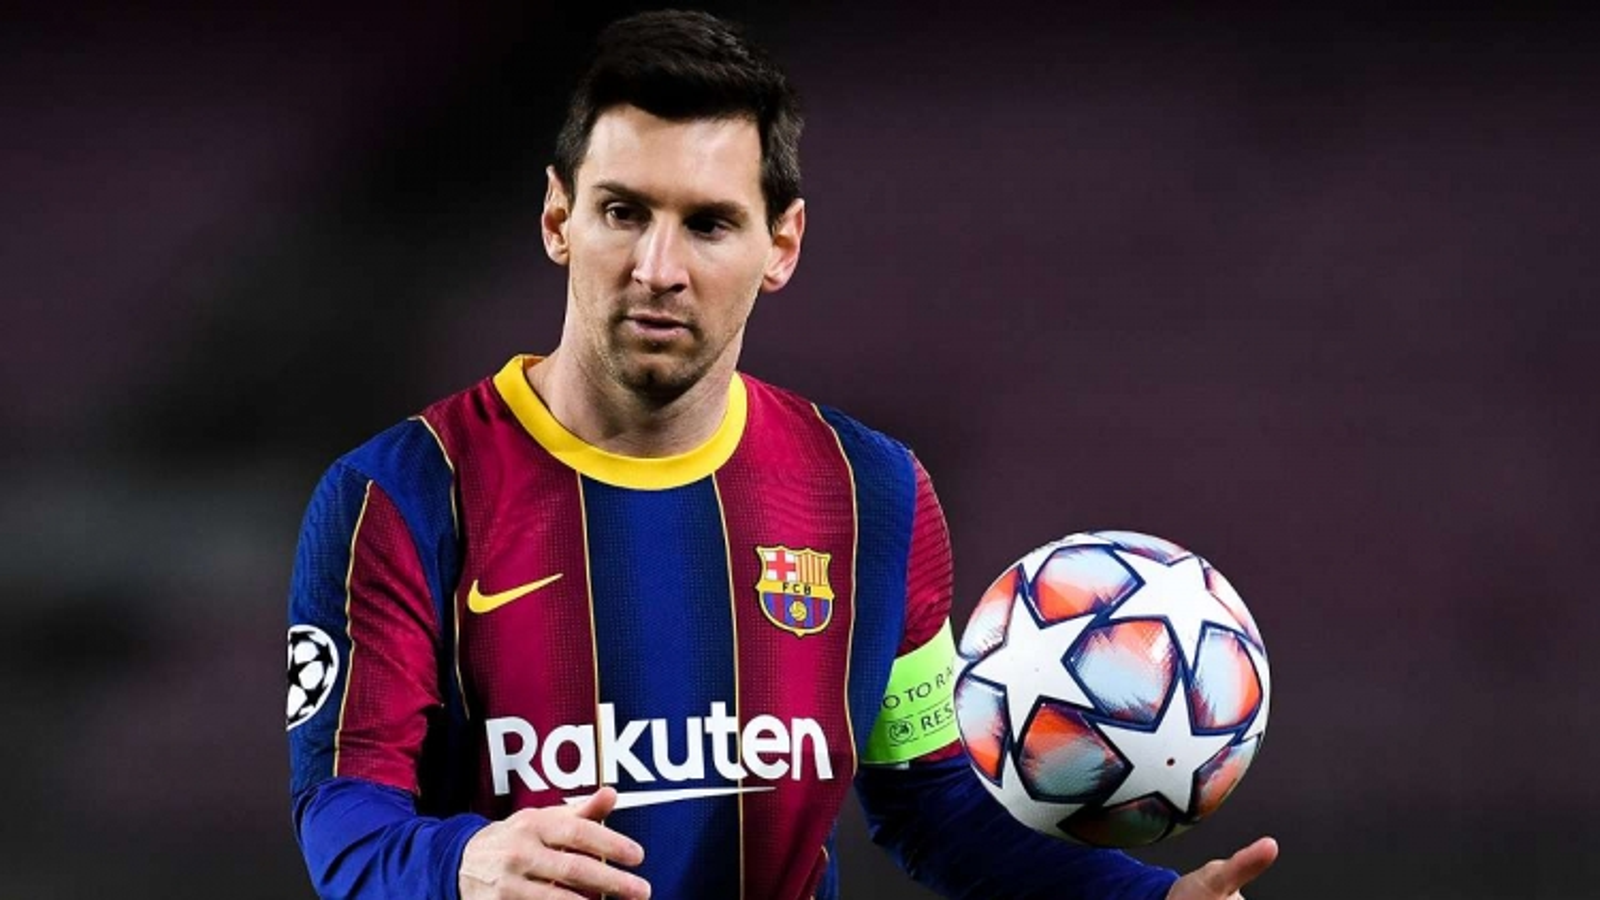 Messi đạt thỏa thuận với Barca, chấp nhận giảm nửa lương